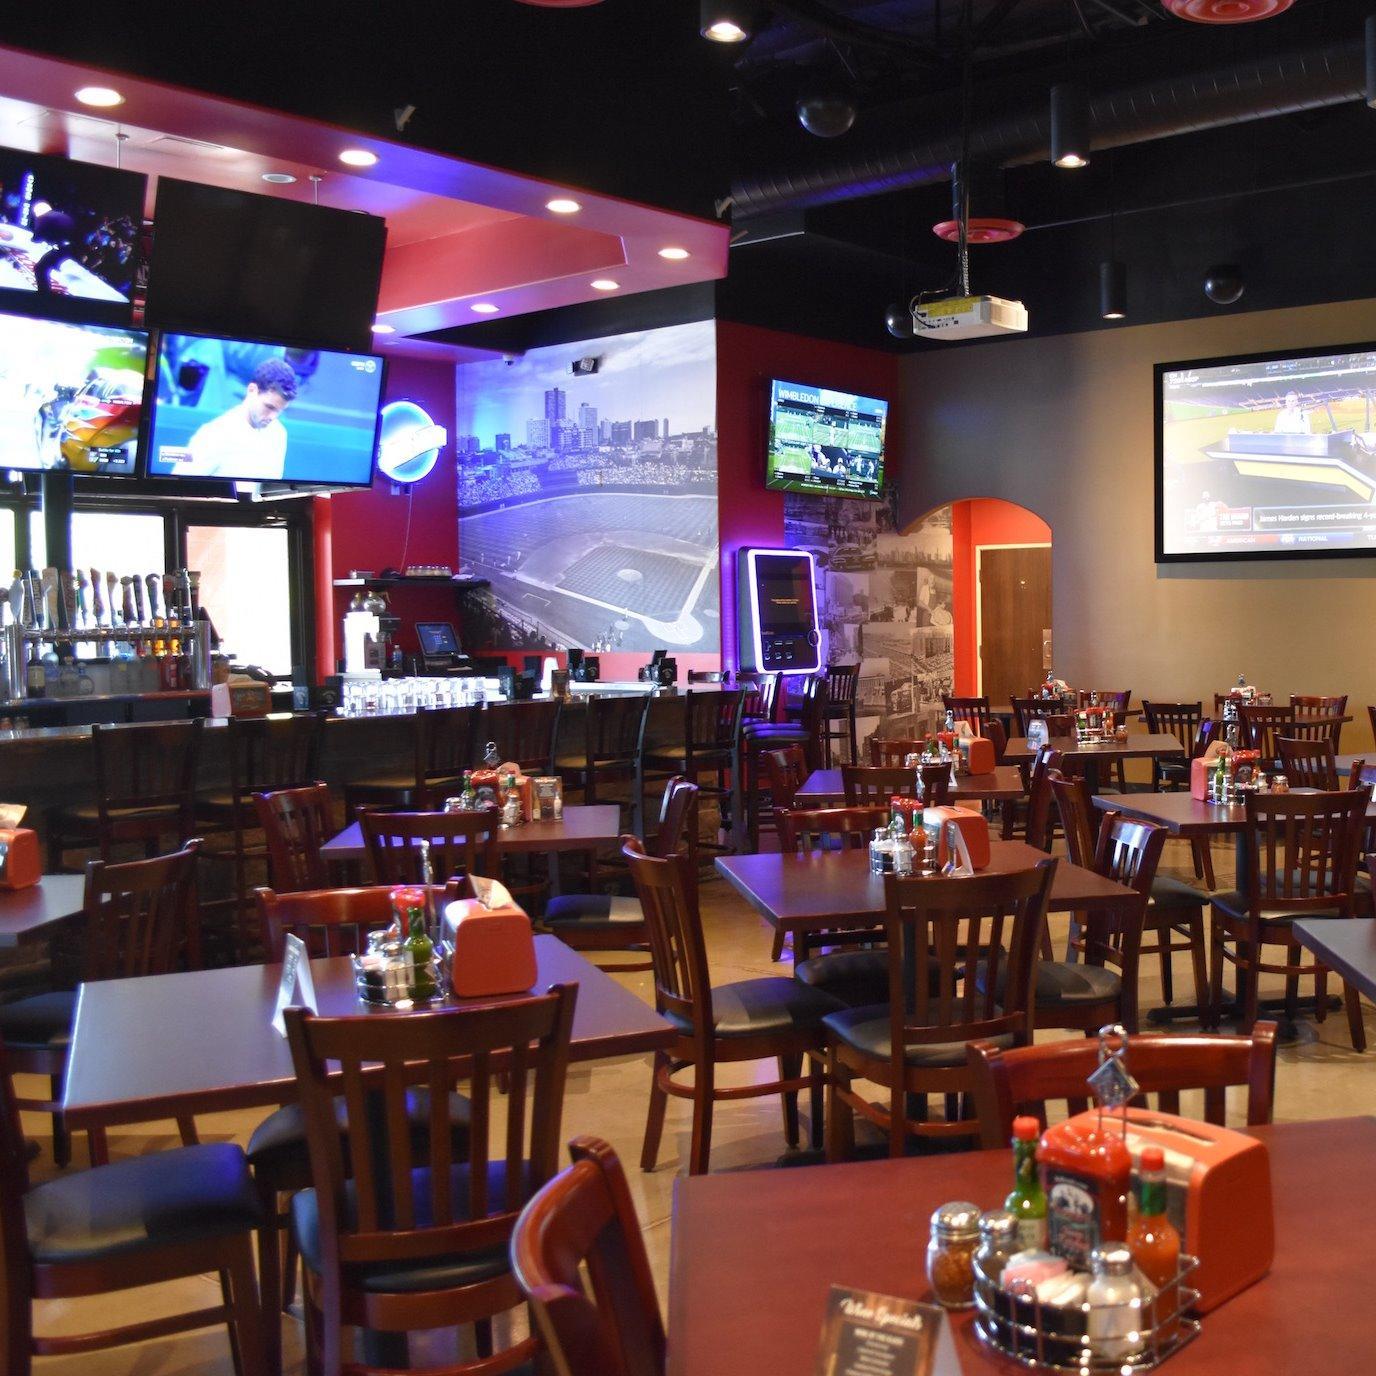 Rosati's Pizza & Sports Pub